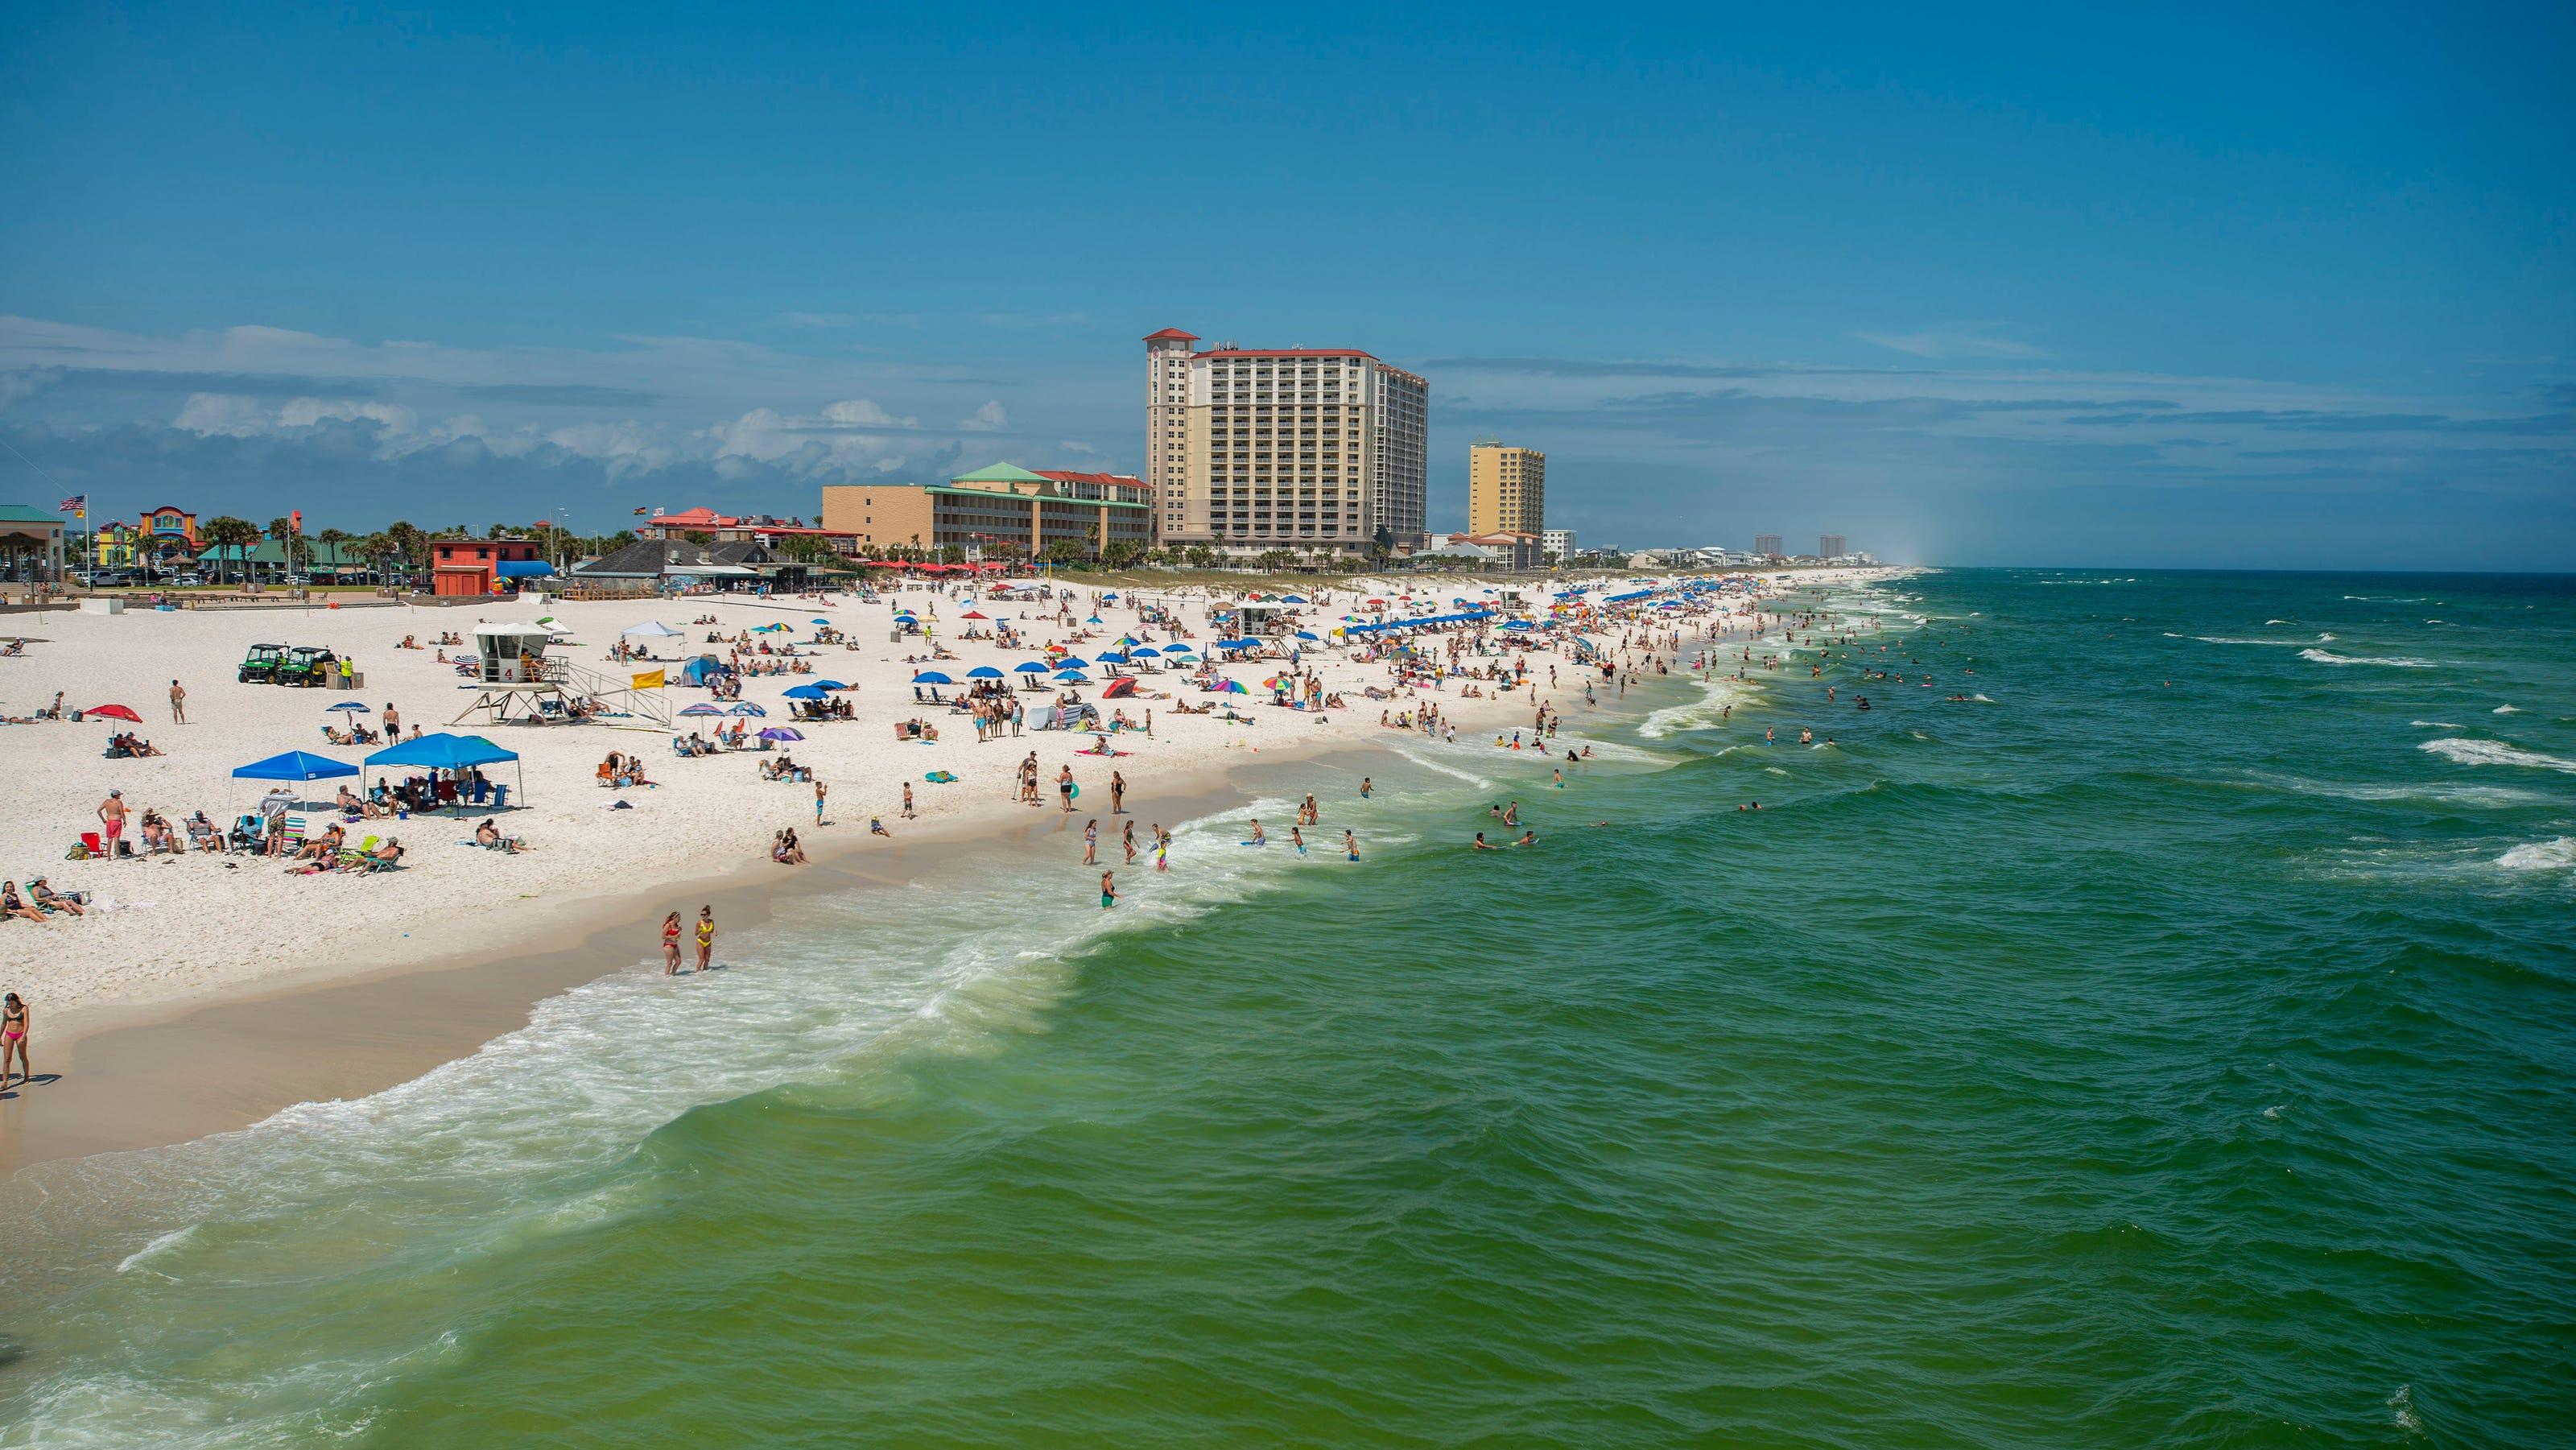 Legal Beaches